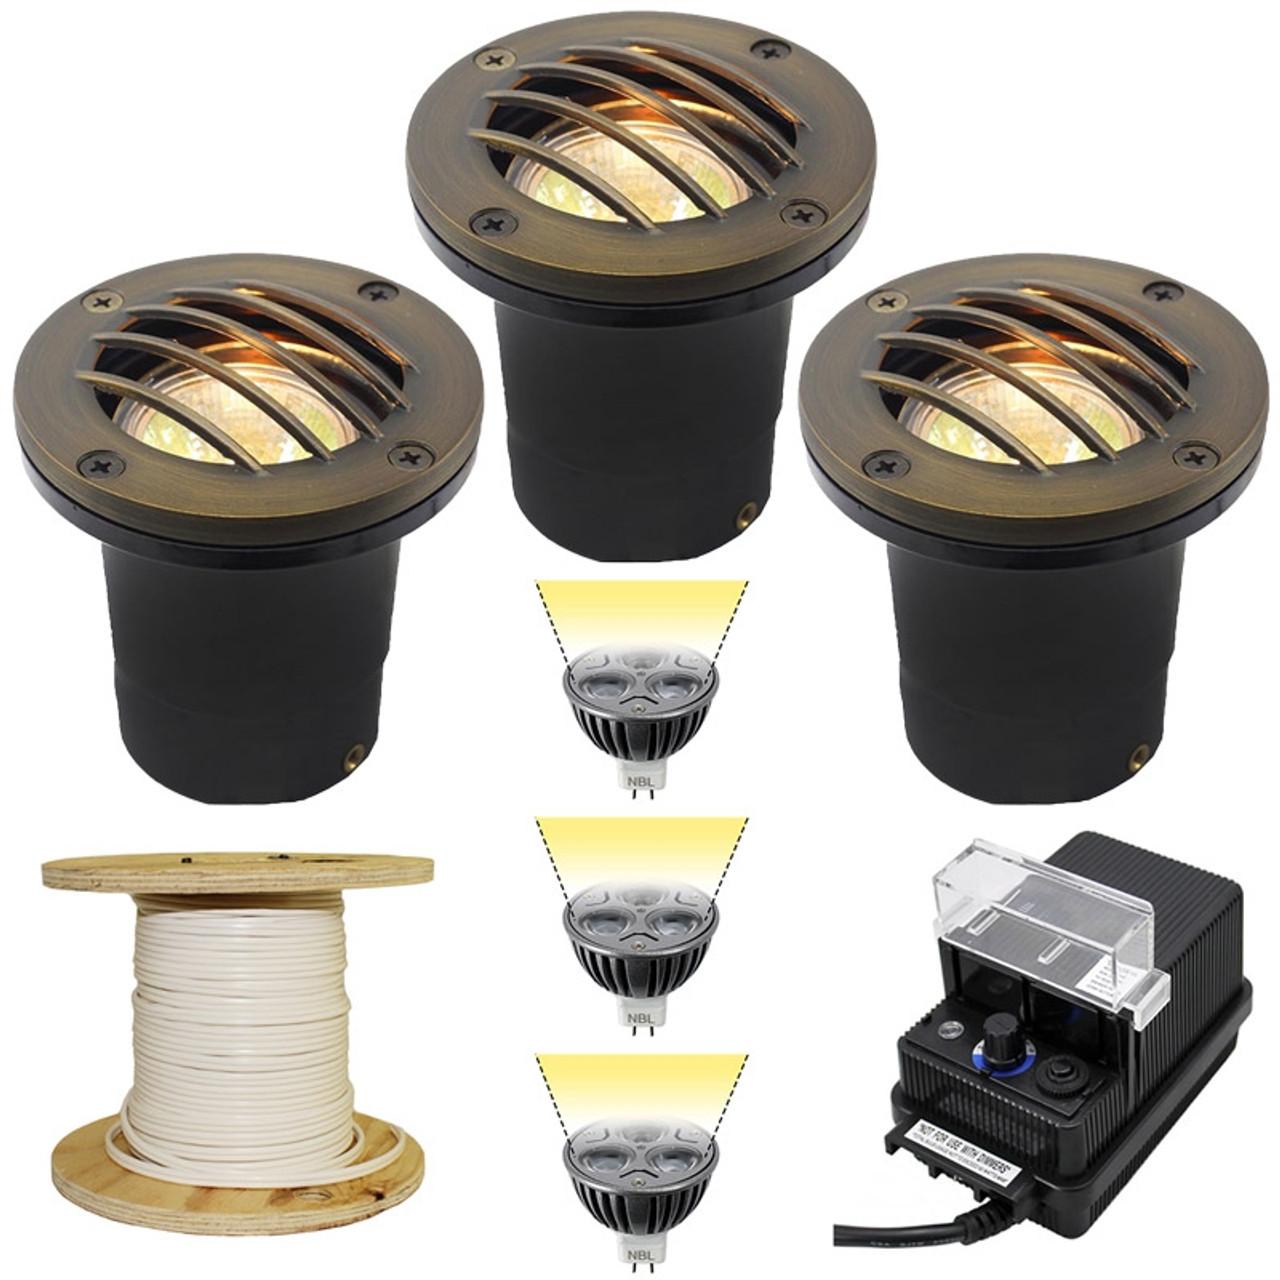 LED DIY Landscape Lighting Kits